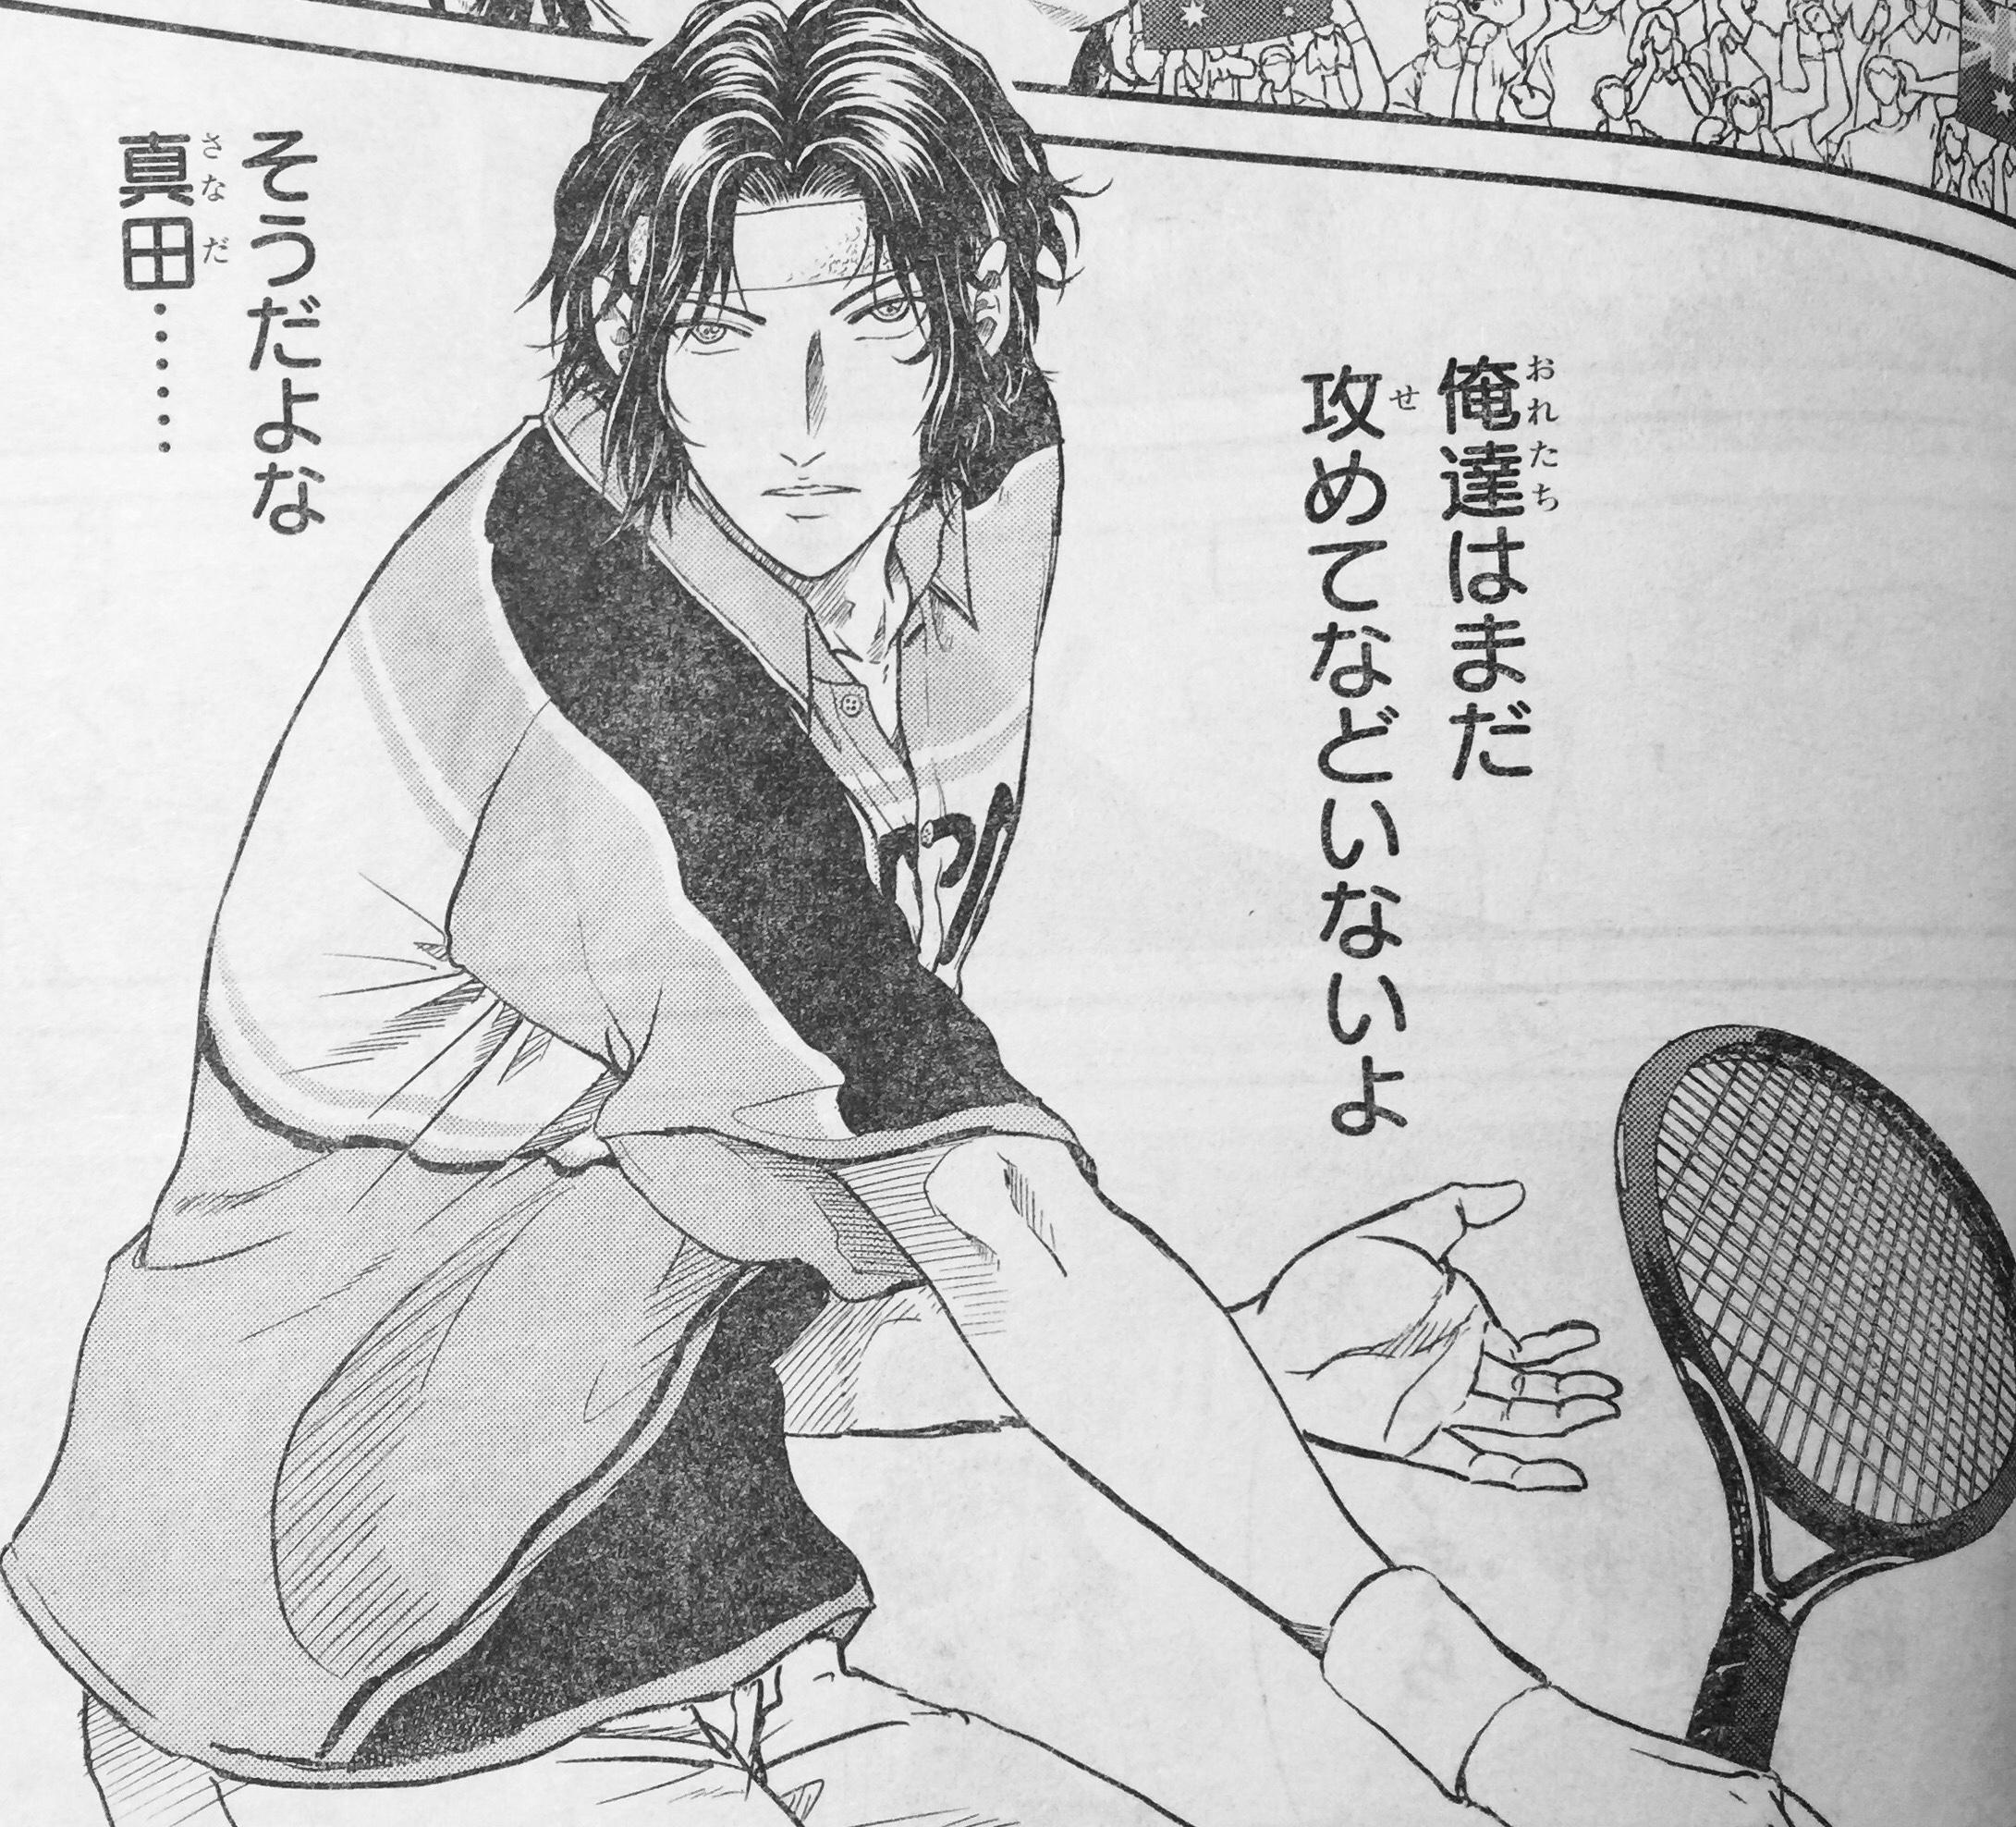 【テニスの王子様】幸村精市の強さはどれくらい?強さや作品での活躍等も解説